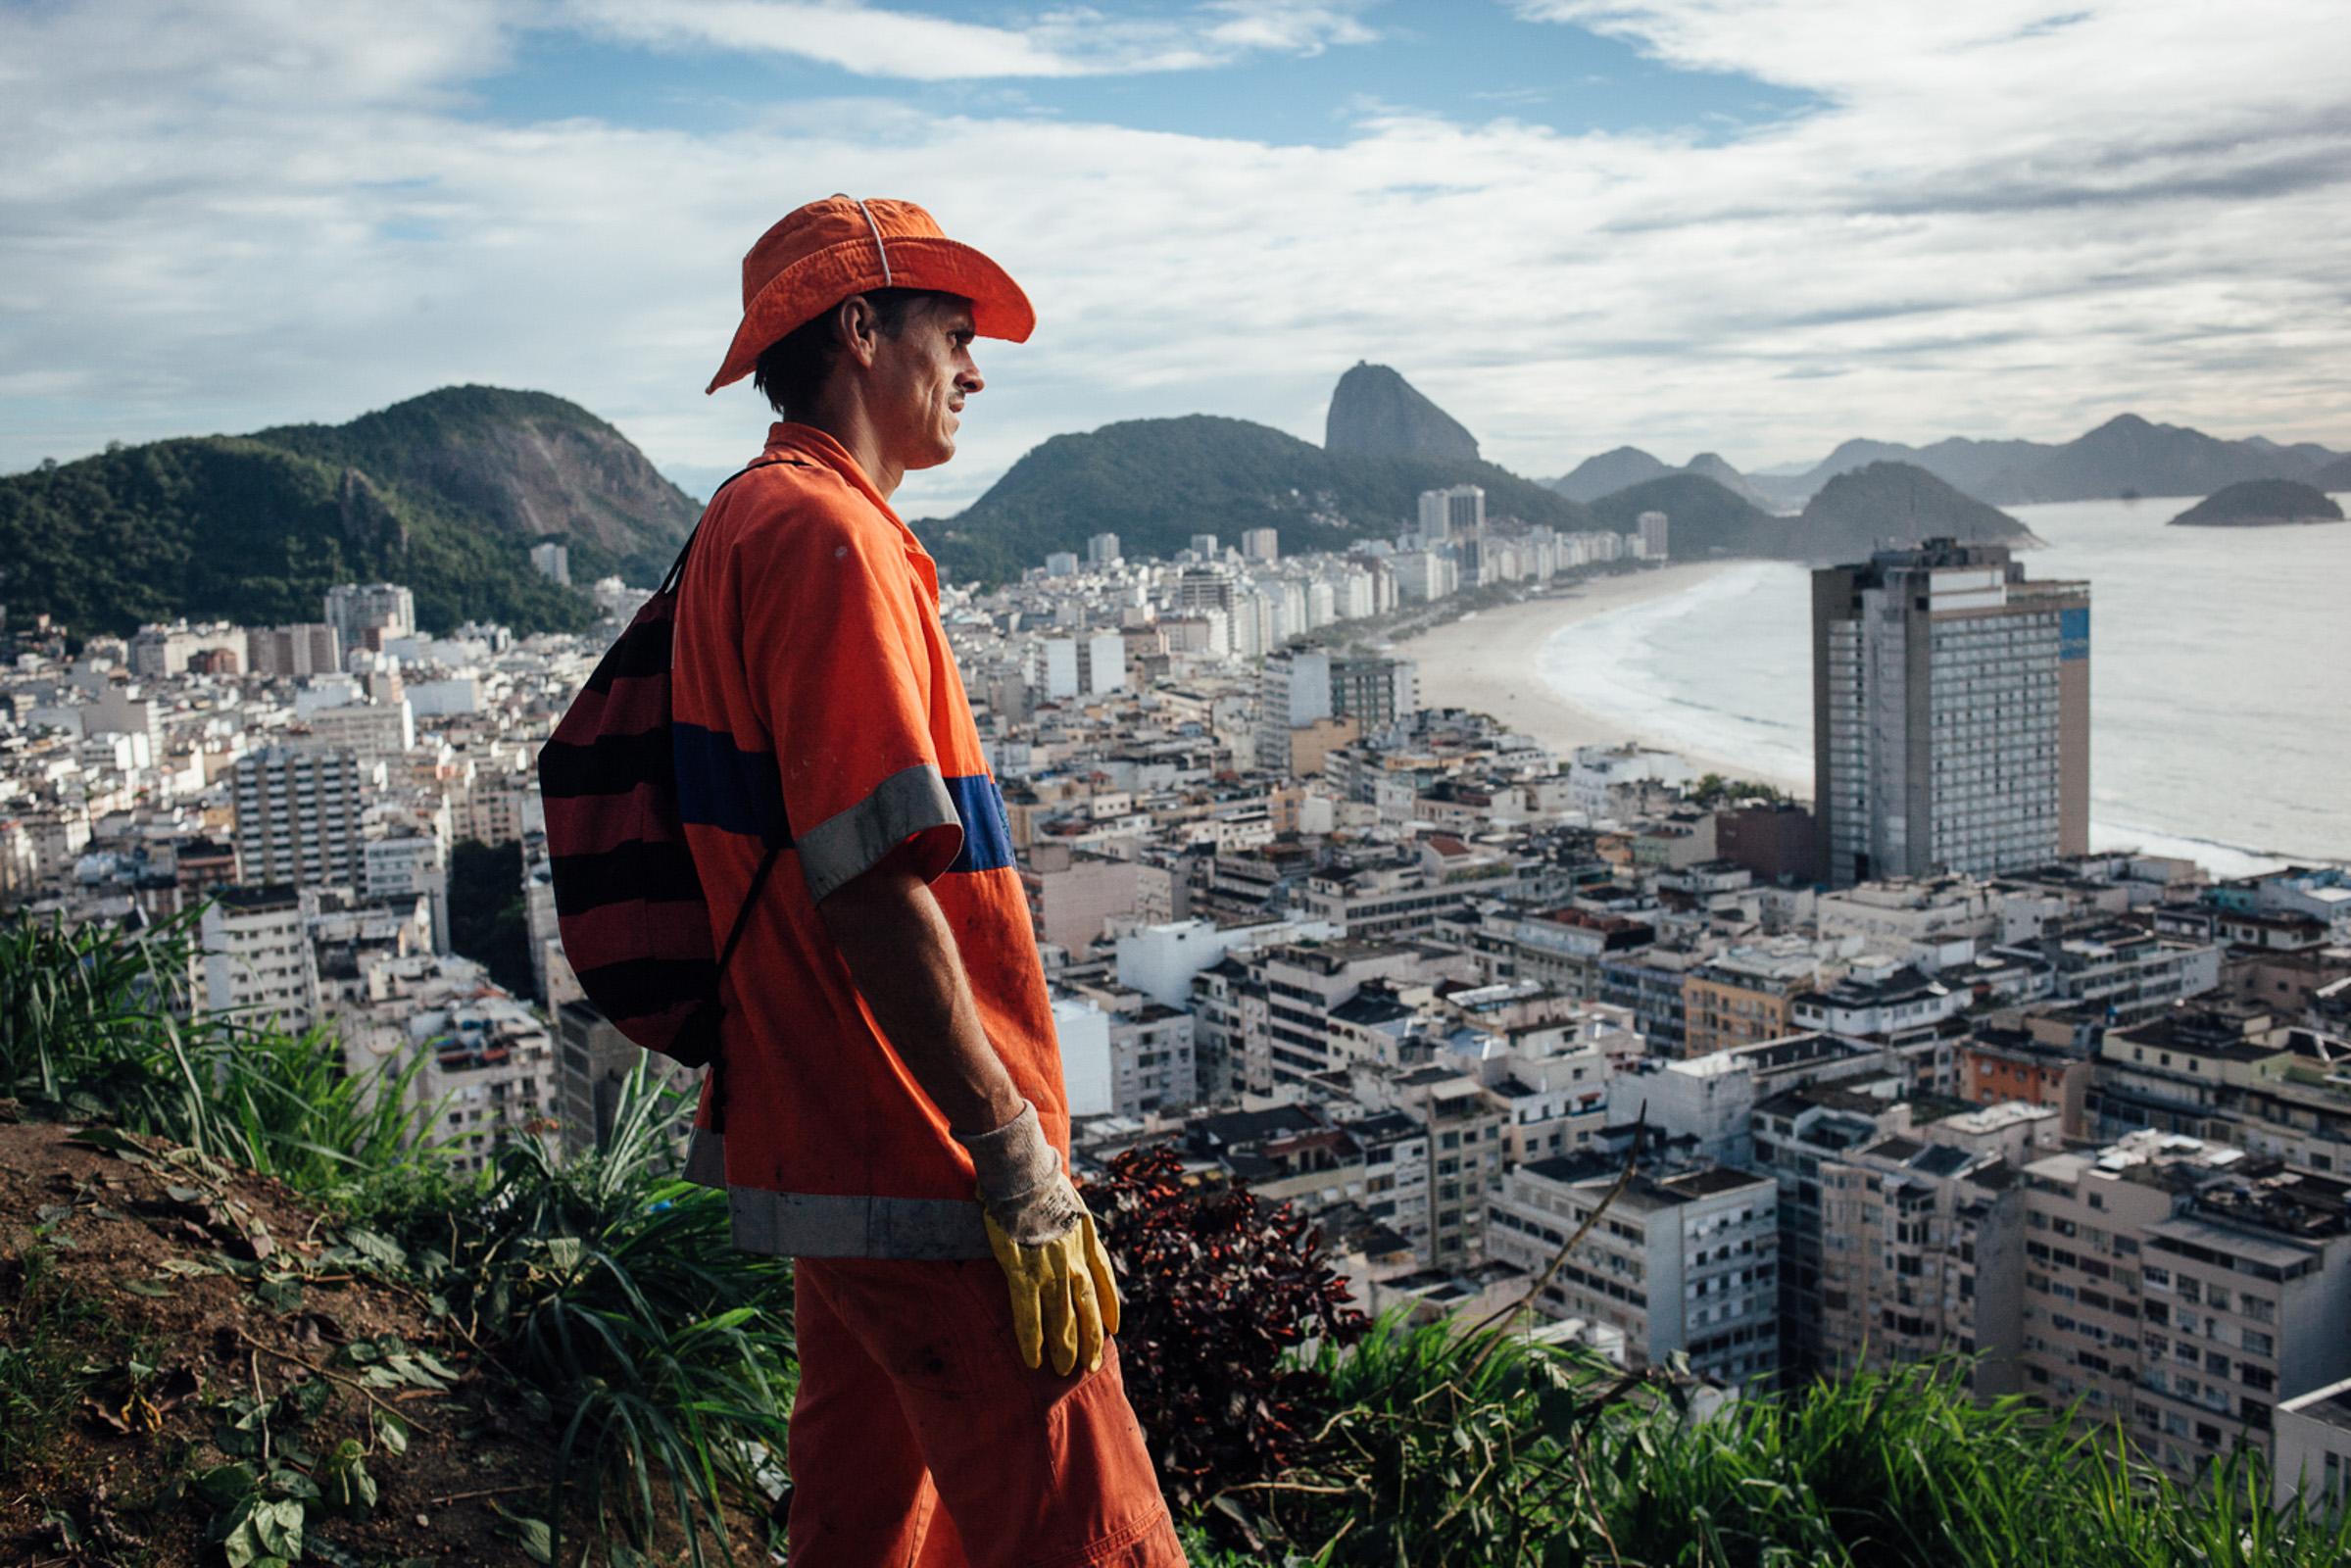 Rio de Janeiro, le 27 Novembre 2013. Marcos travaille depuis 3 ans dans la favela de Pavao pavaozinho. Tous les jours, il doit monter les poubelles en plastique à bord du funiculaire. Le point de collecte est au pied d'un vide ordure de plusieurs dizaines de metres dans lequel les habitants jettent les ordures du haut de la favela.  Rio de Janeiro, November 27, 2013. Marcos has been working for 3 years in the favela Pavao Pavãozinho. Every day, he must mount plastic bins in the funicular. The collection point is at the bottom of a trash chute of several tens of meters in which people throw garbage from the top of the favela.